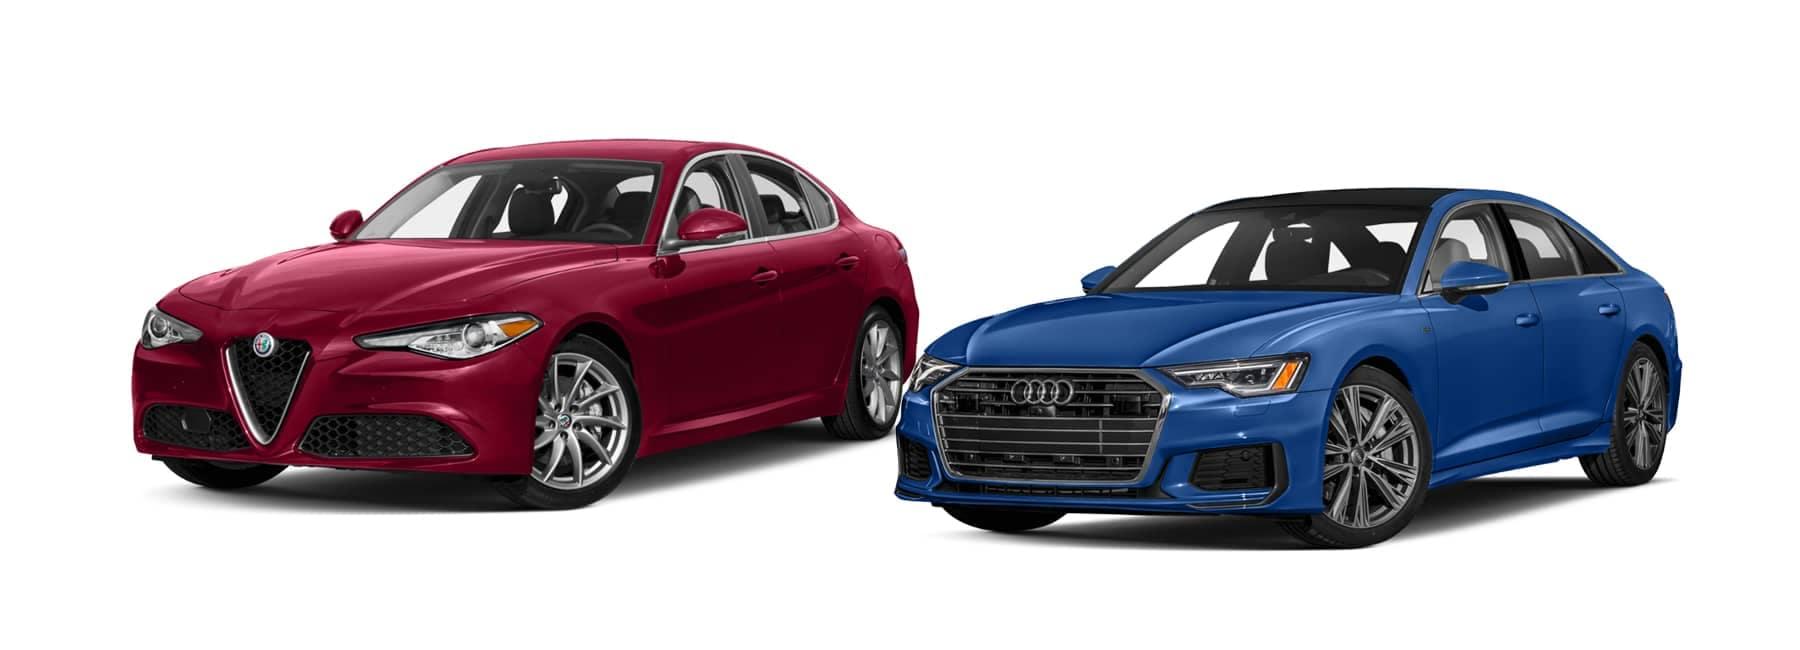 AlfaRomeo VS Audi